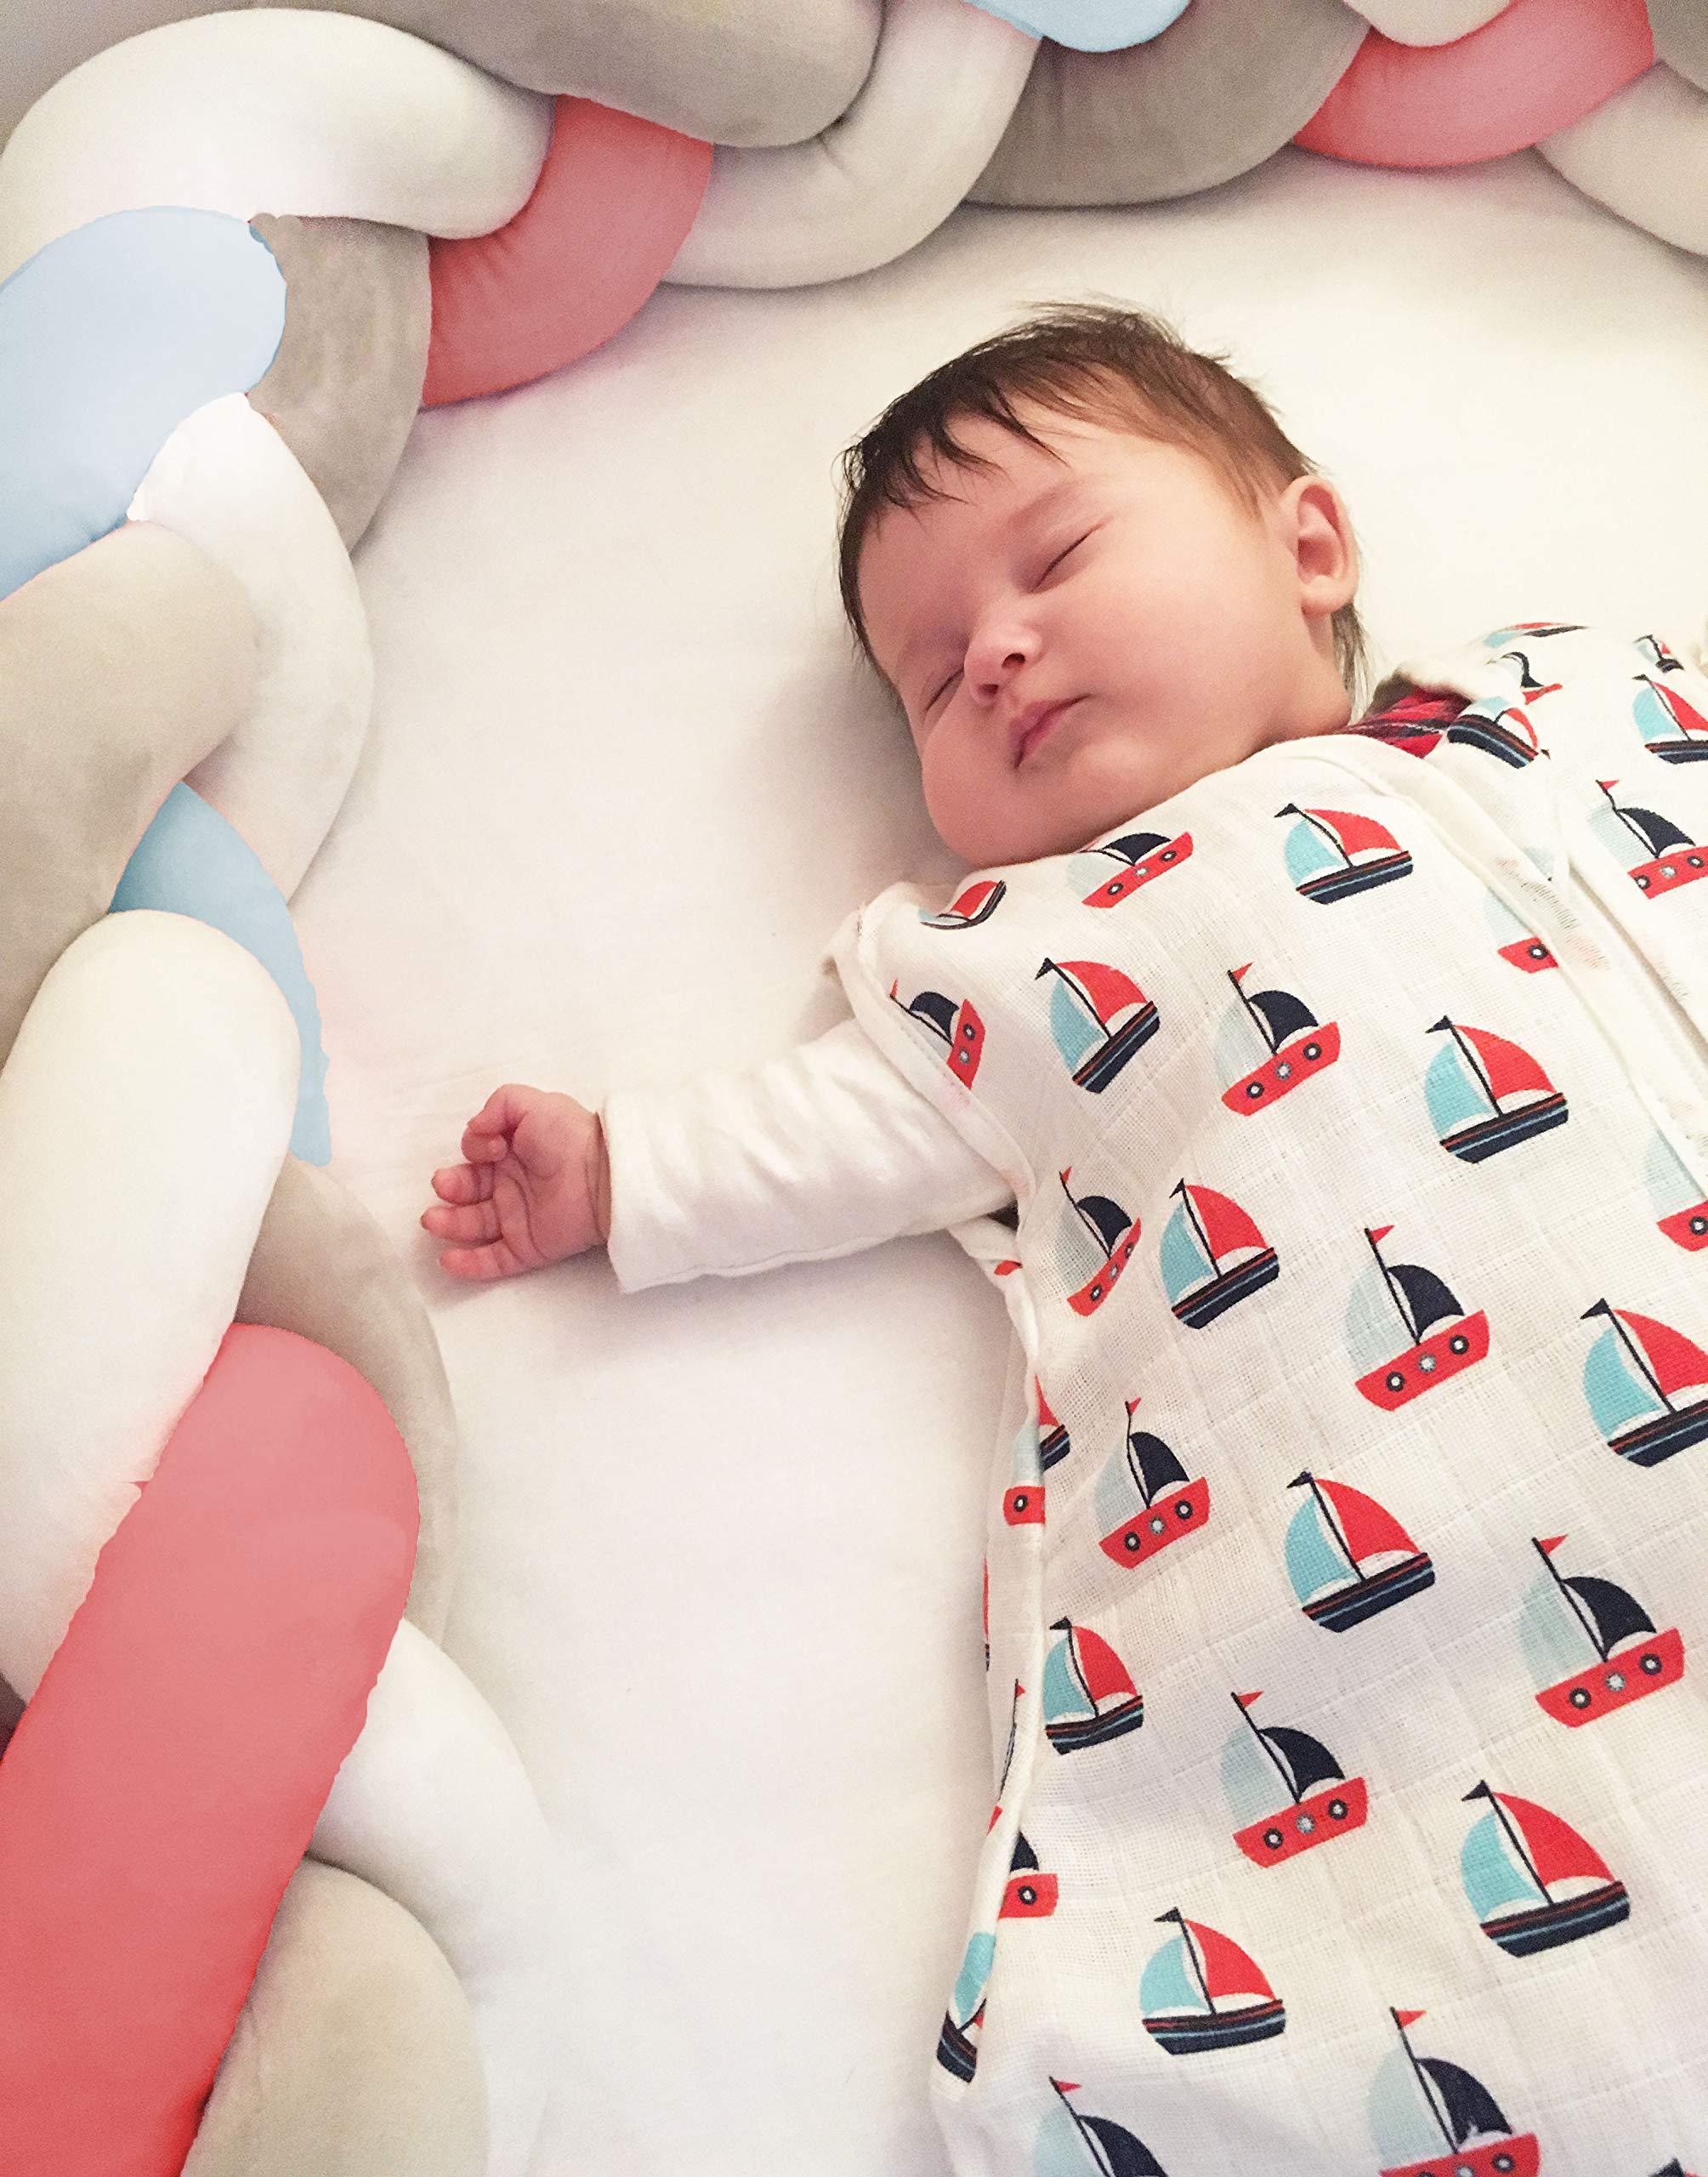 Zollner Saco de dormir bebé ligero verano, algodón, 18-36 meses, otras medidas